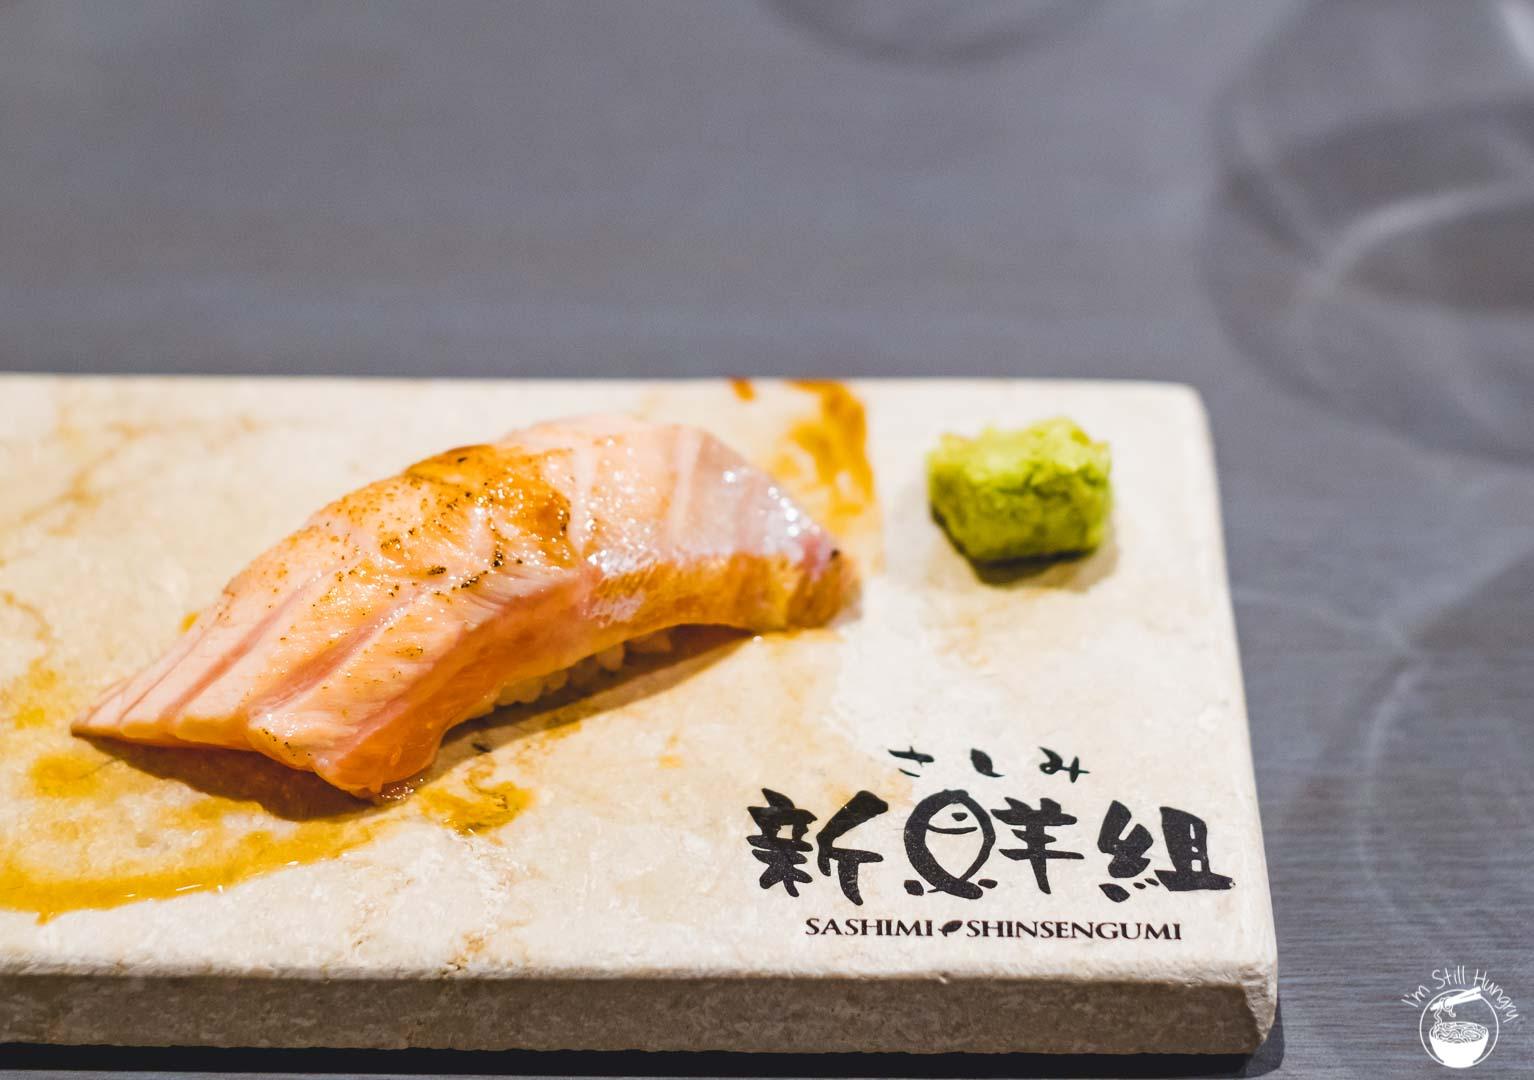 Sashimi Shinsengumi Crows Nest Sushi Omakase Torched salmon